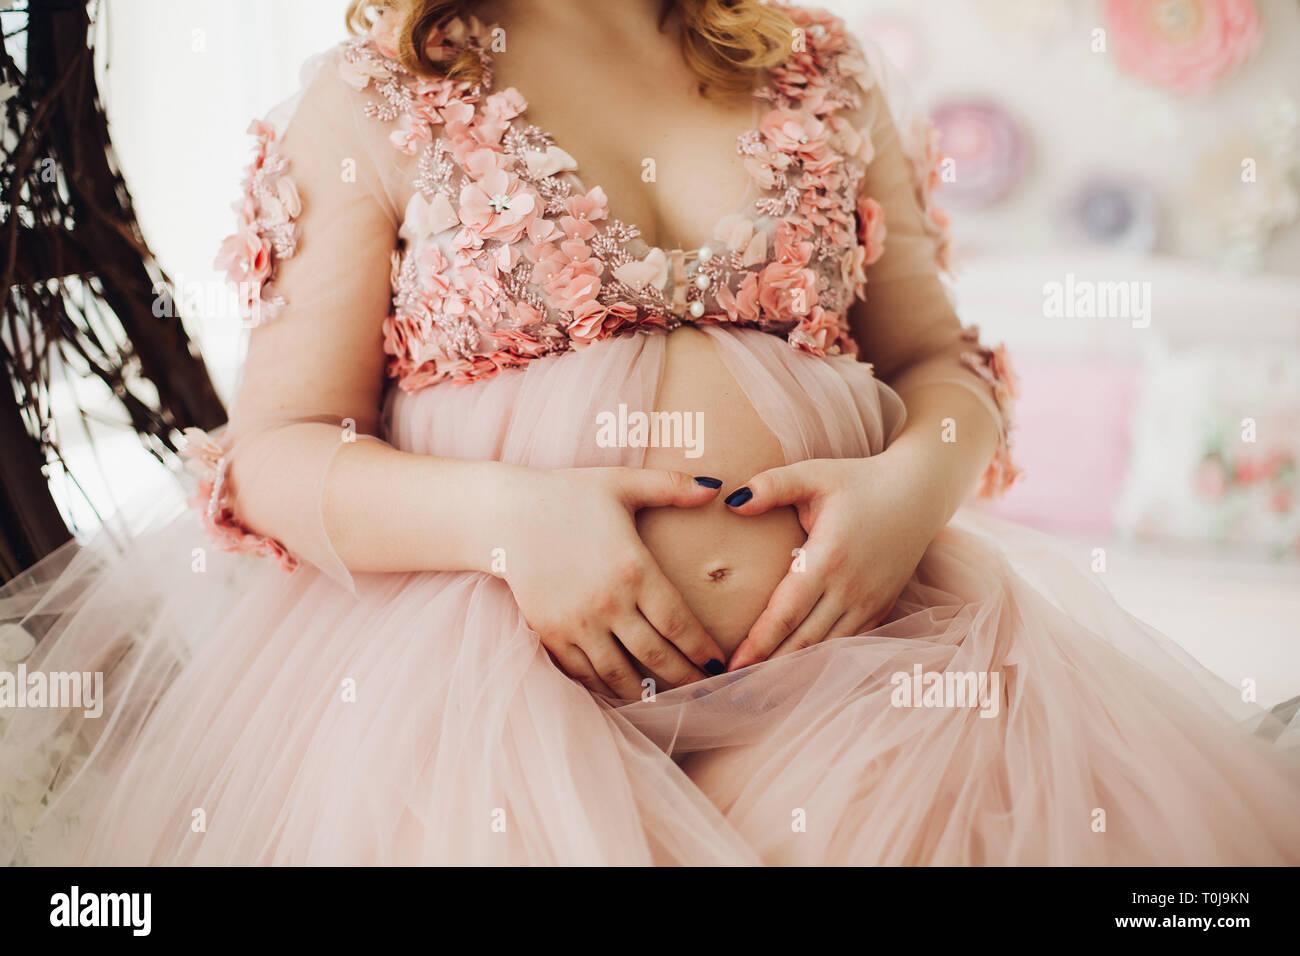 cf5b42c17 Cerca de la mujer embarazada en polvo vestido largo tocando el estómago.  Imagen De Stock